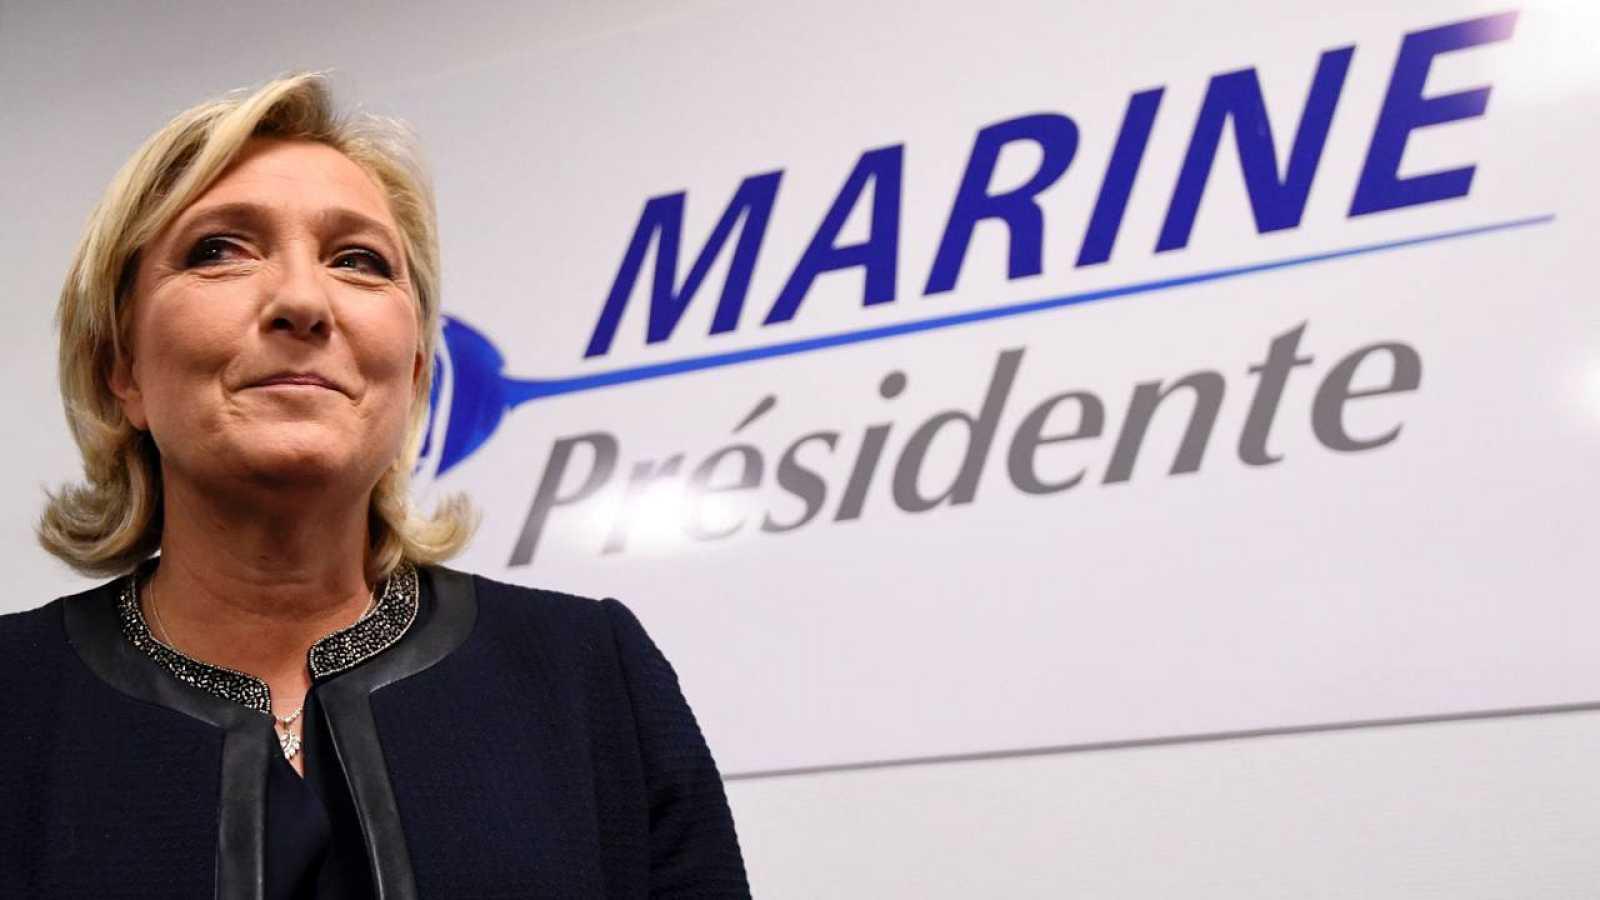 Marine Le Pen, presidenta del ultraderechista partido francés Frente Nacional y candidata presidencial